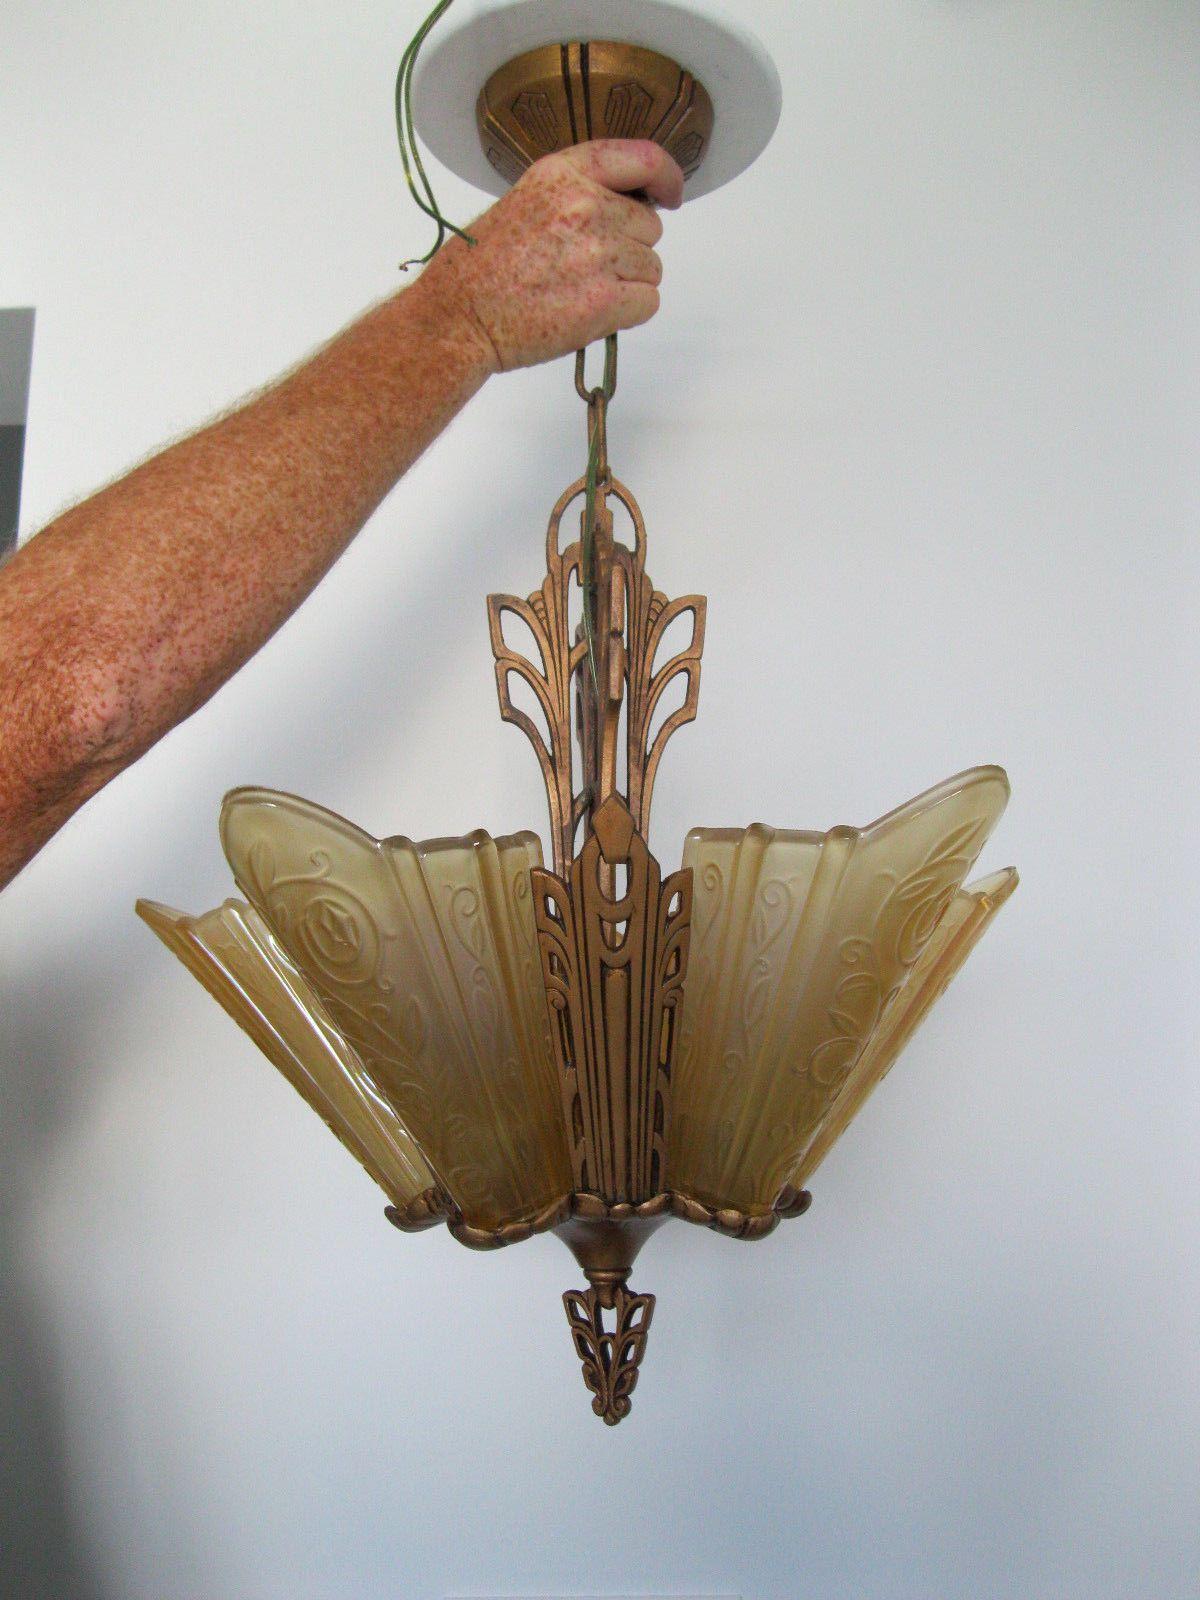 Antique Very Ornate Slip Shade Cast Bronze Art Deco Wall Sconce no Shade